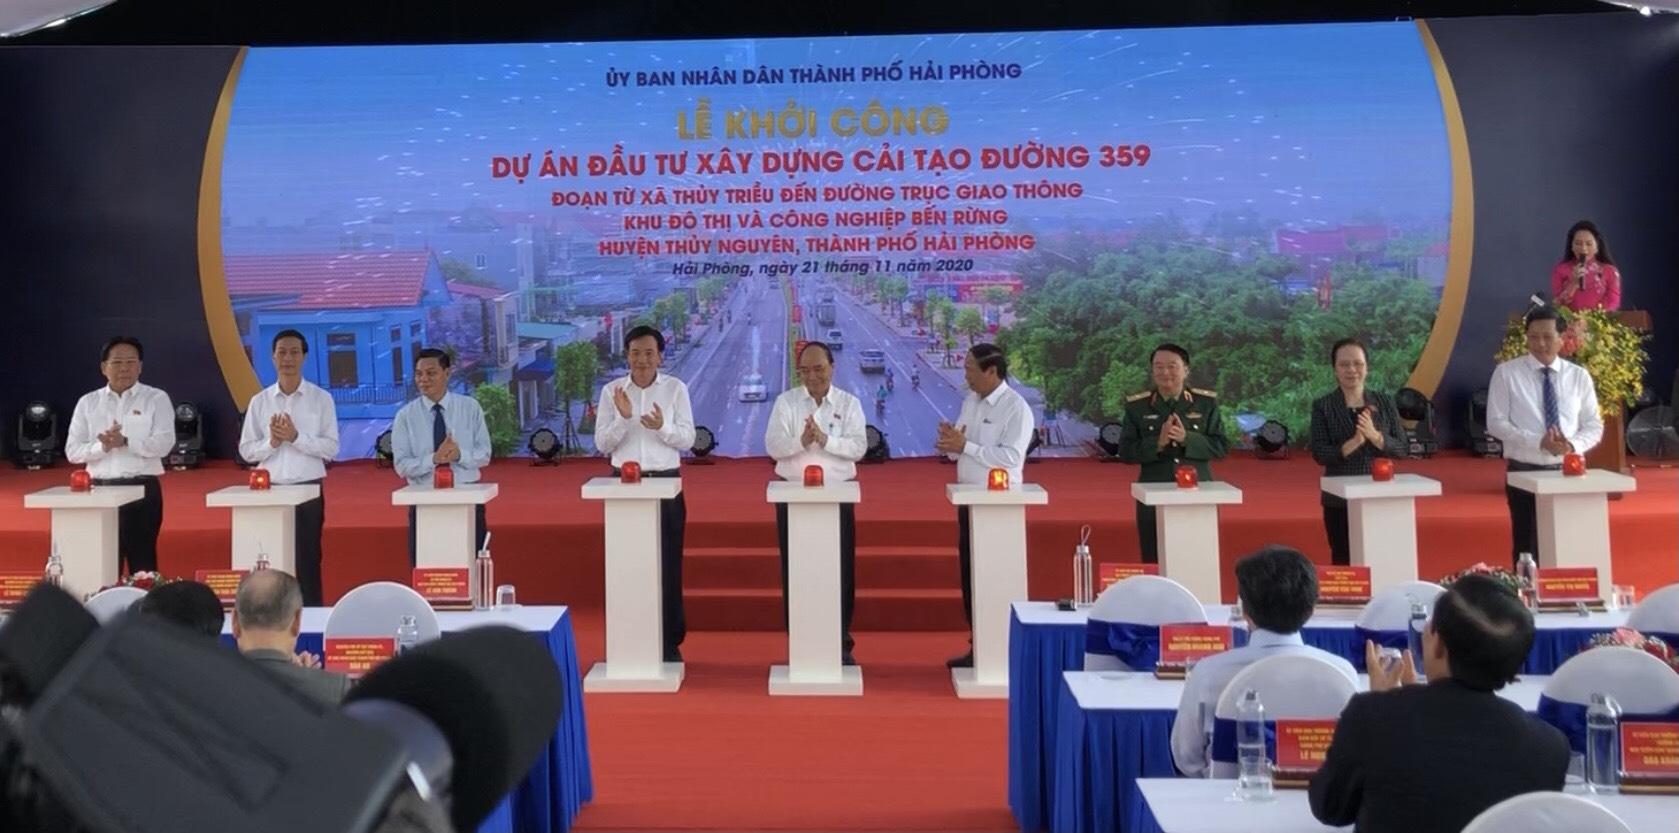 Thủ tướng Chính phủ bấm nút khởi công Dự án Đầu tư xây dựng cải tạo đường 359 tại Hải Phòng